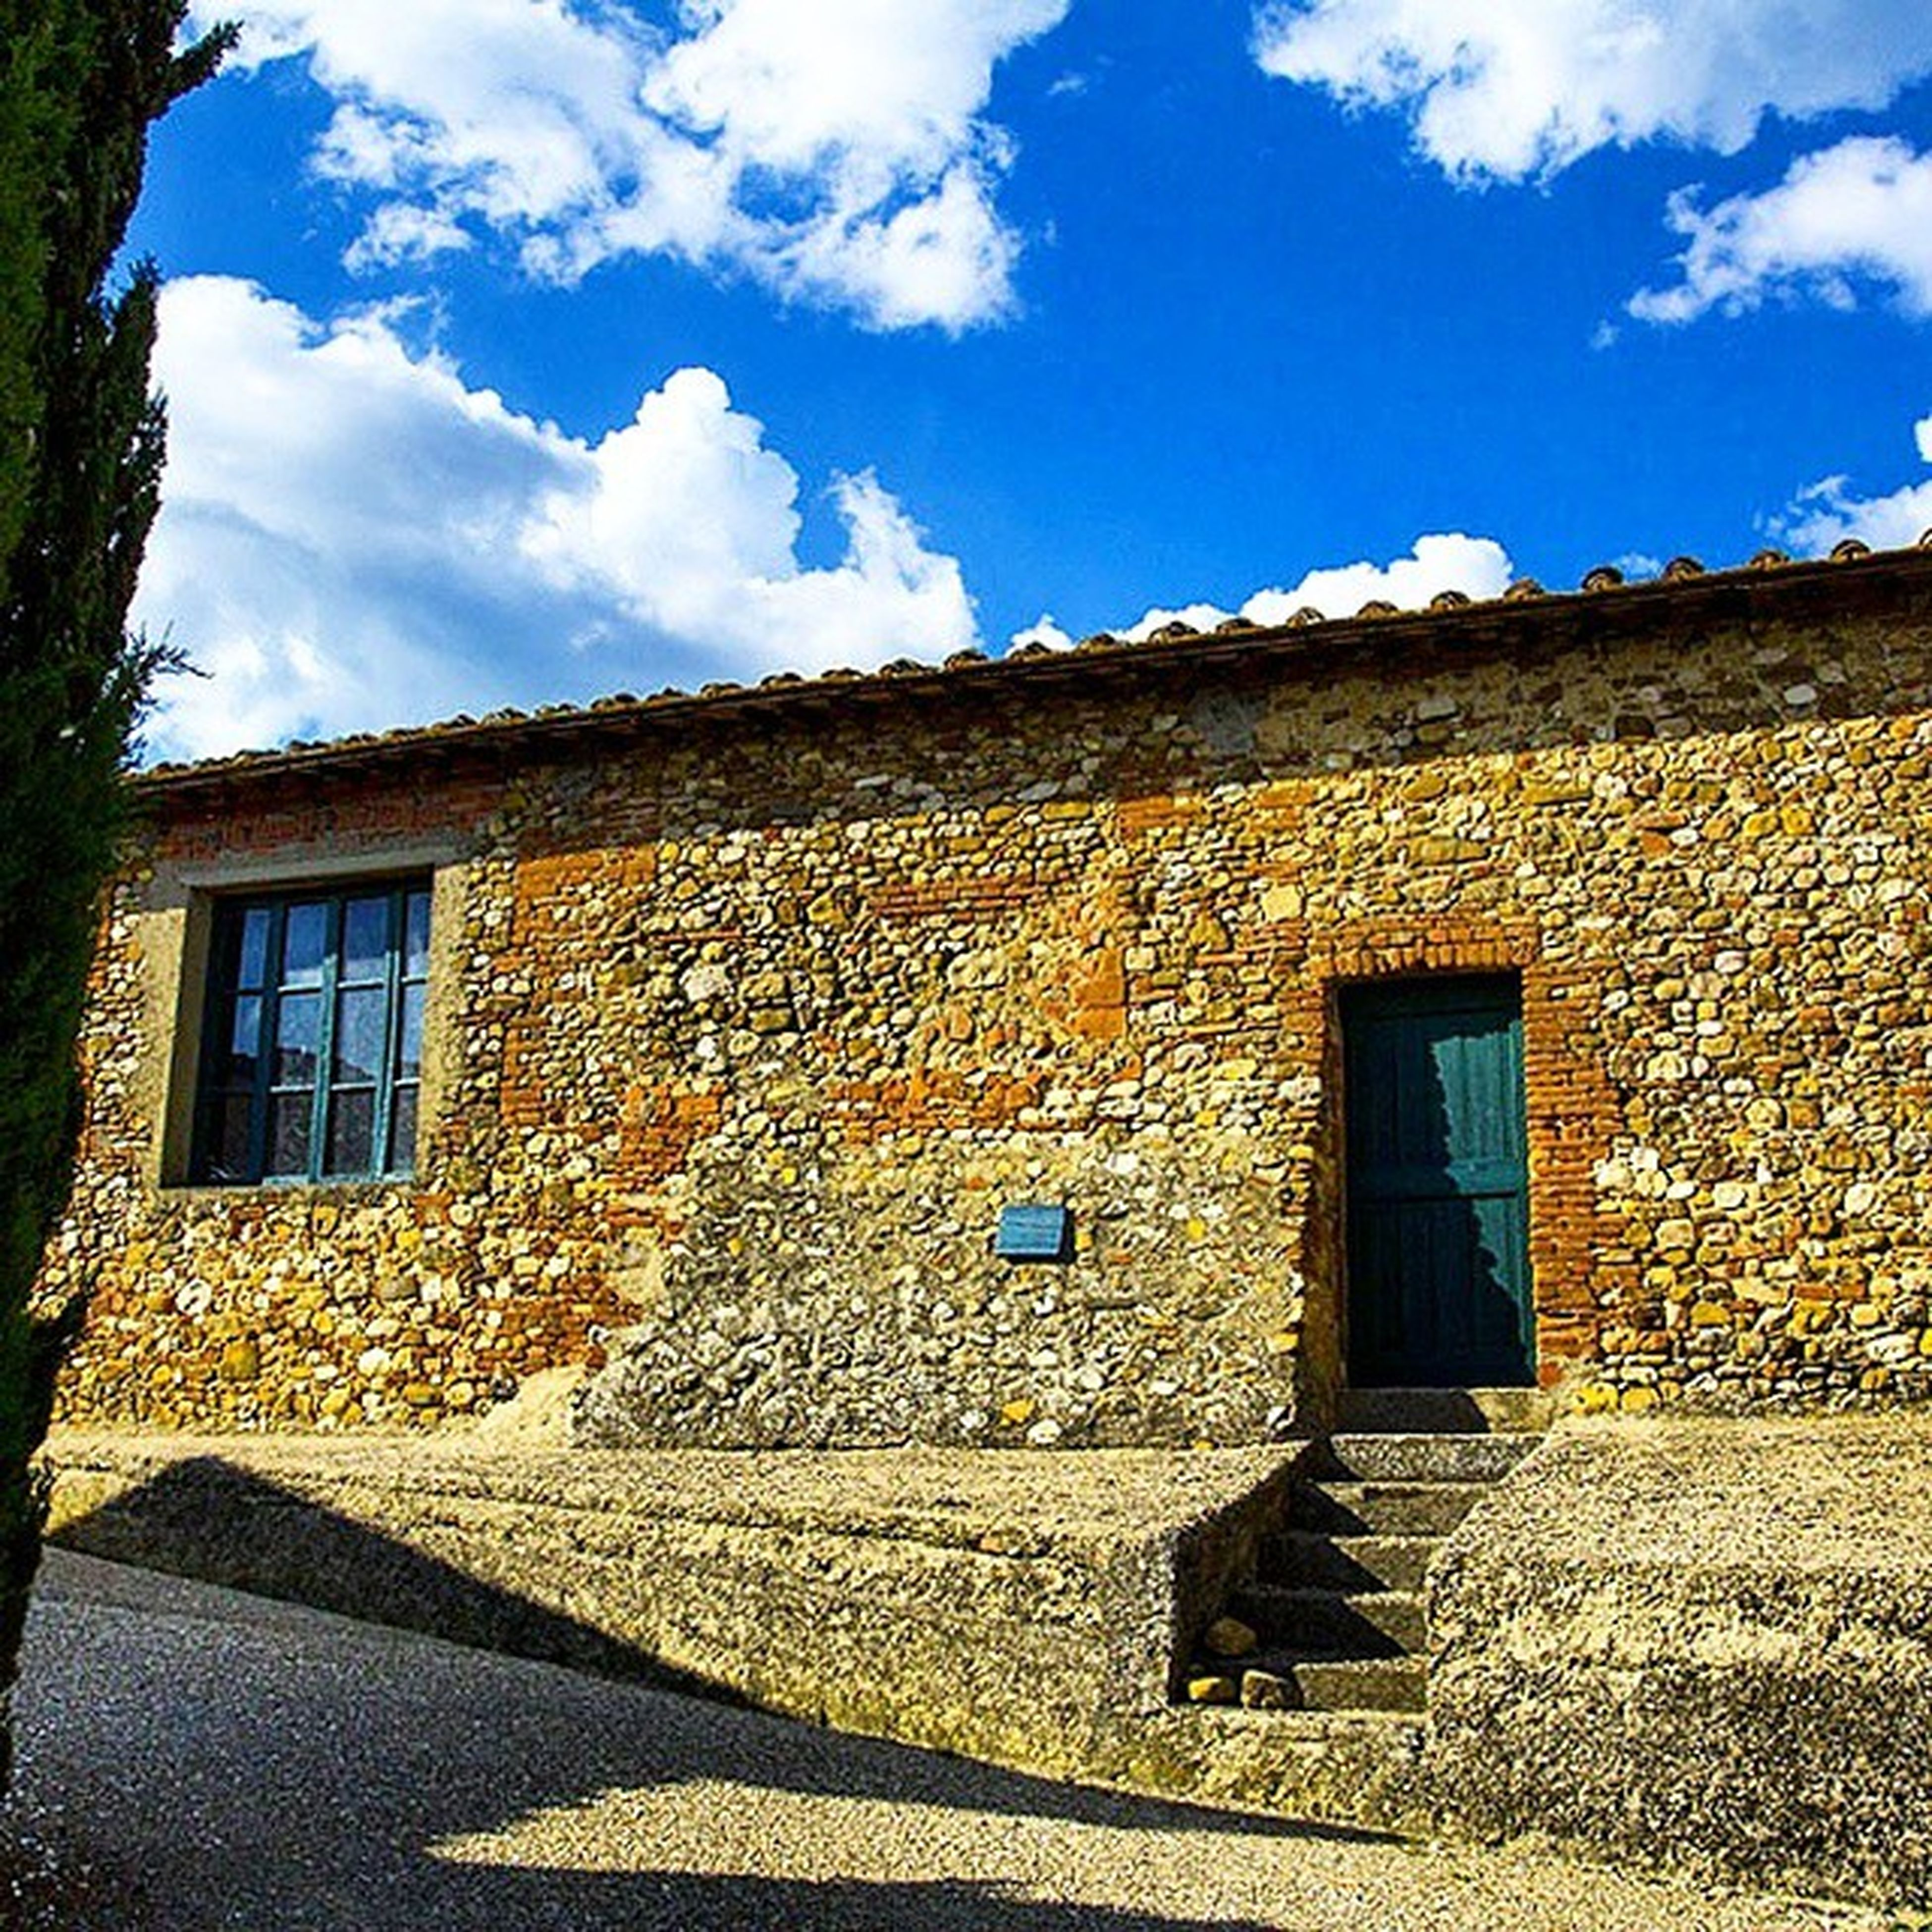 Casa Italiana. ~~~~~~~~~~~~~~~~~~~~~~~~ WWW.VINHODOBOM.COM.BR ----------------------------------------------------------- Casaitaliana Casanaitalia Italianhouse Brazil ranimiro parapente vinho paraglider fly vinho wine saopaulo photographer photography city bicicleta cerveja beer vinhobrasileiro arquitetura arquiteto cervejadaboa ranimiro champanhe vinhodobom ponte bridge casa casaantiga rosa ~~~~~~~~~~~~~~~~~~~~~~~~ WWW.ZOOMMULTIMIDIA.COM.BR